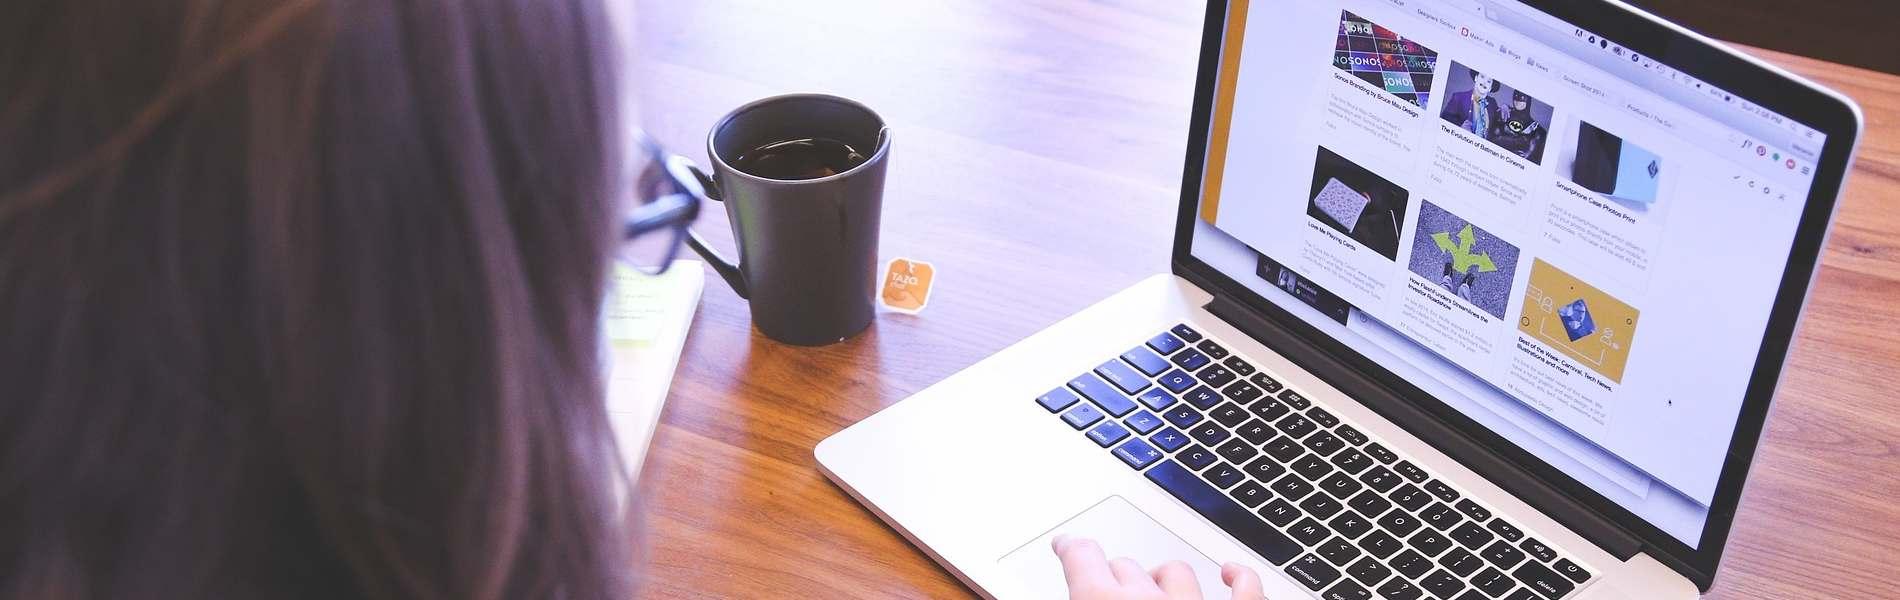 La formación online mejora la productividad durante el teletrabajo